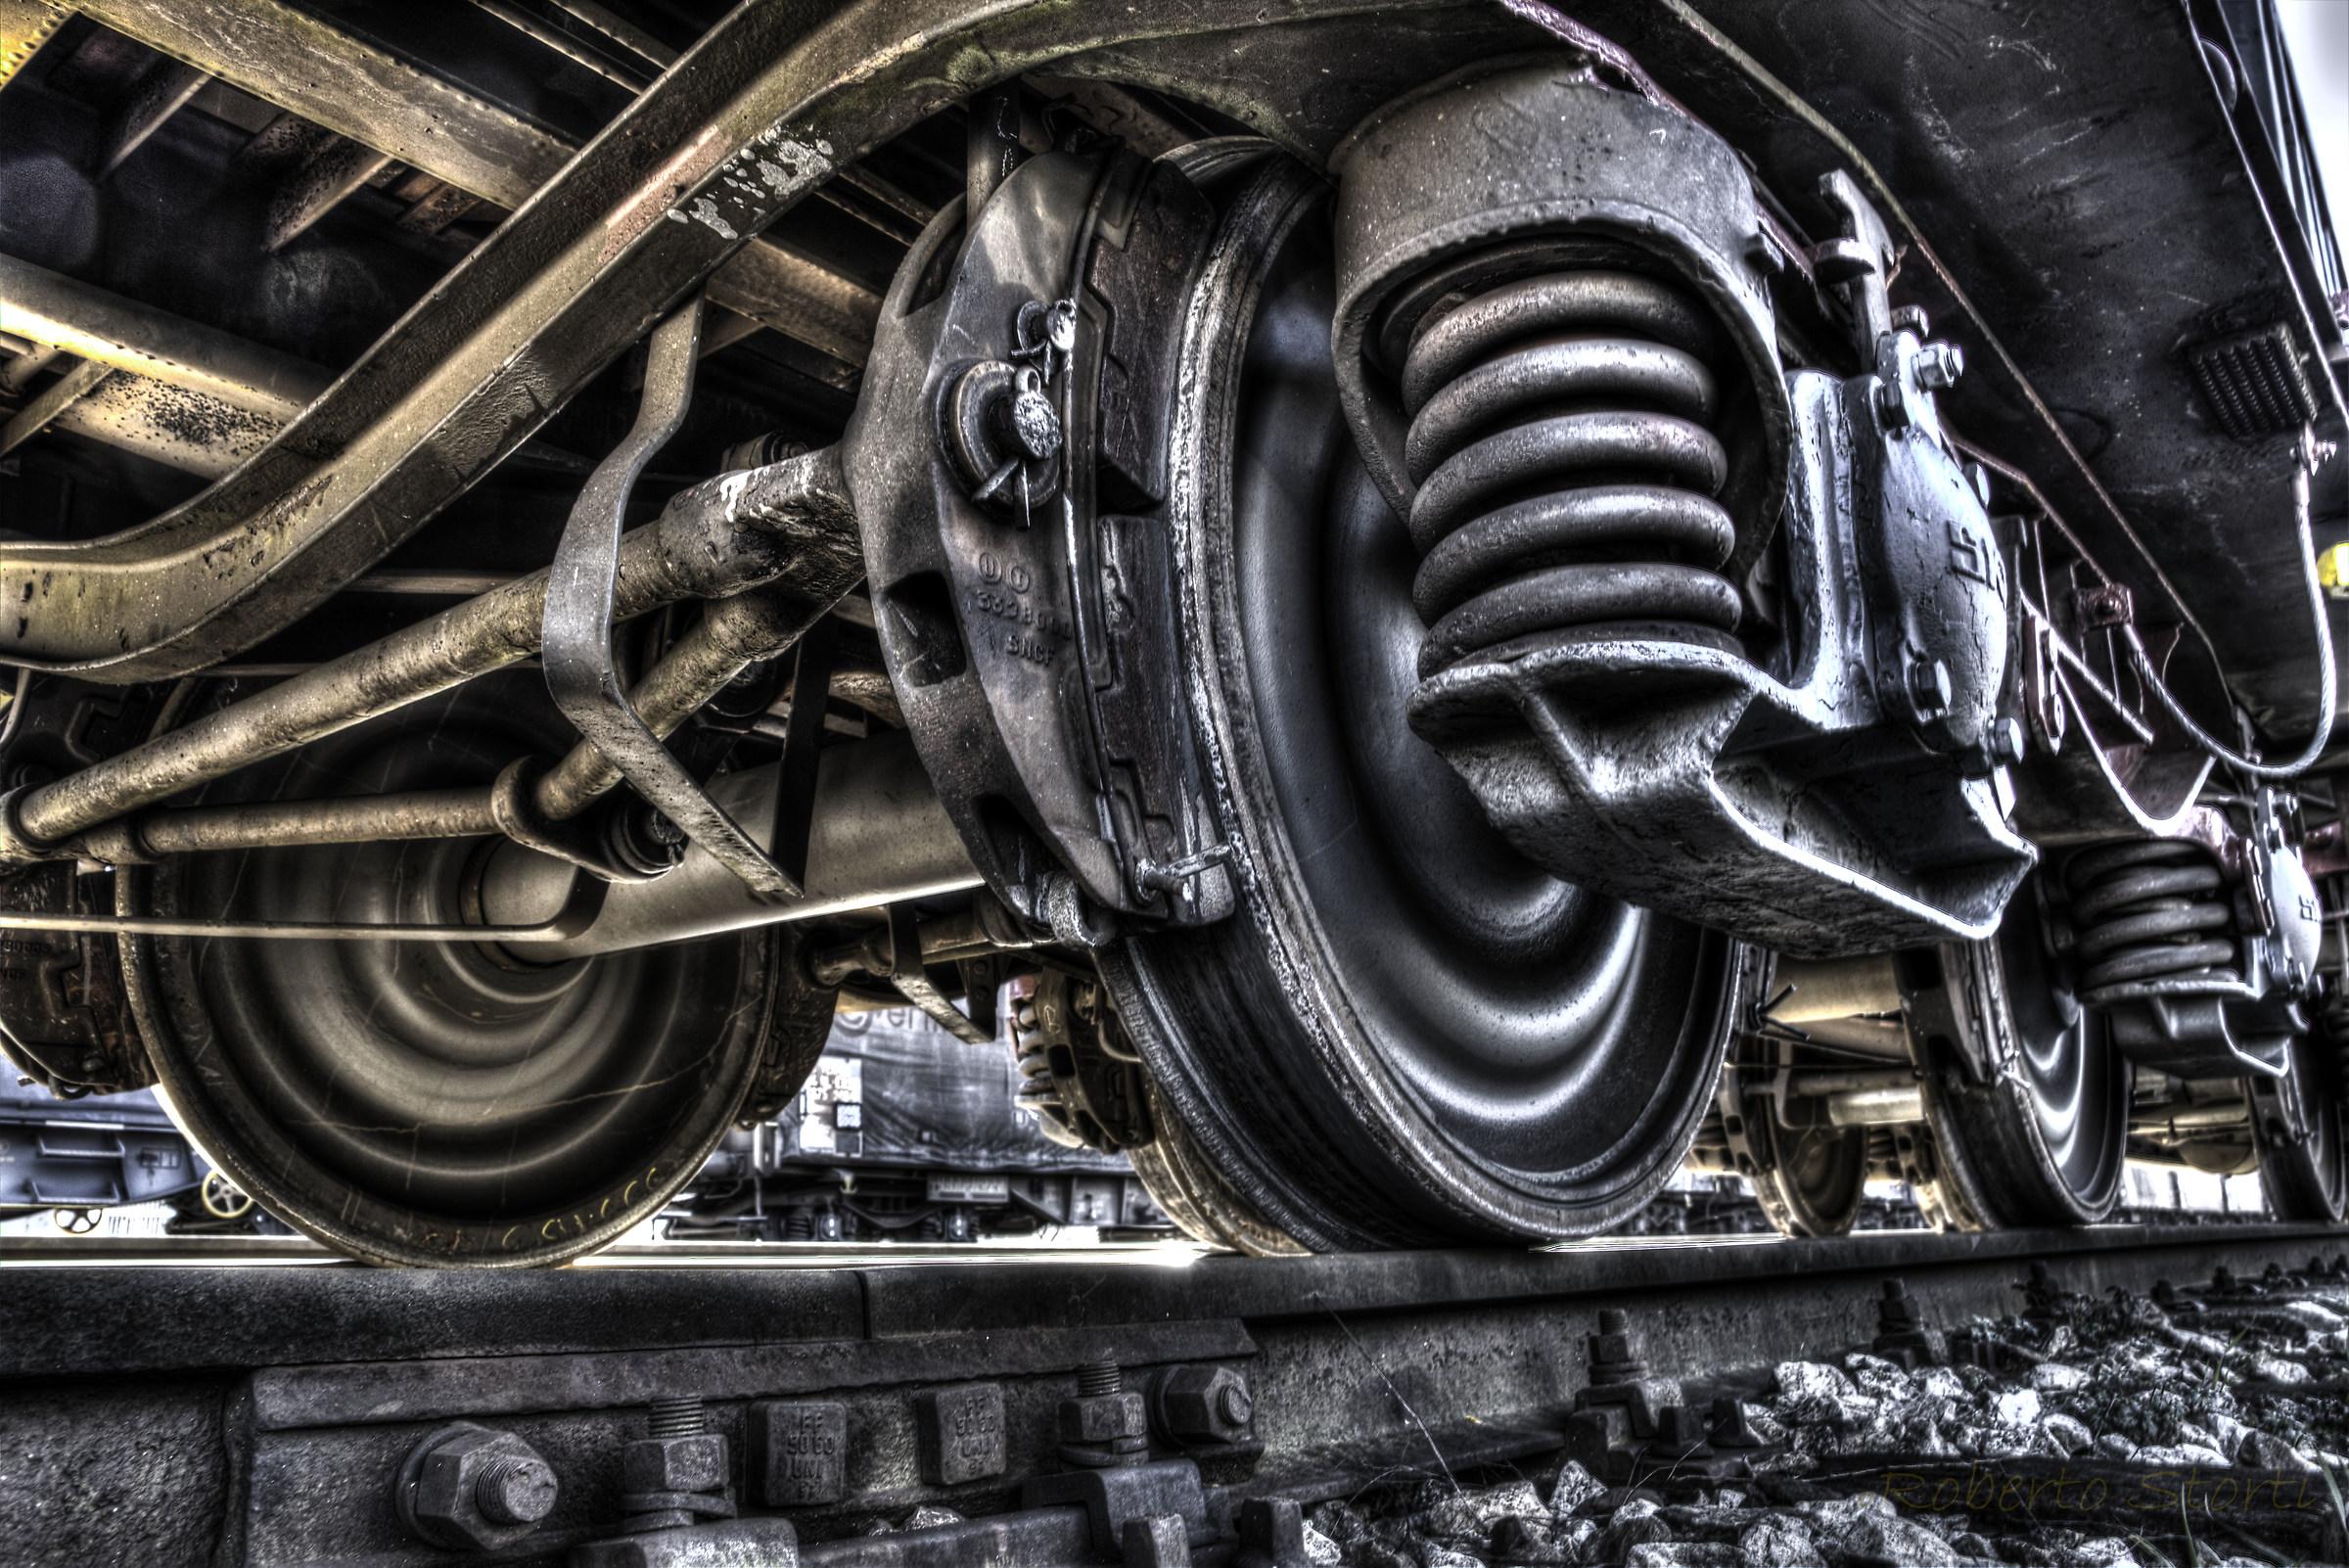 dettagli del treno.......